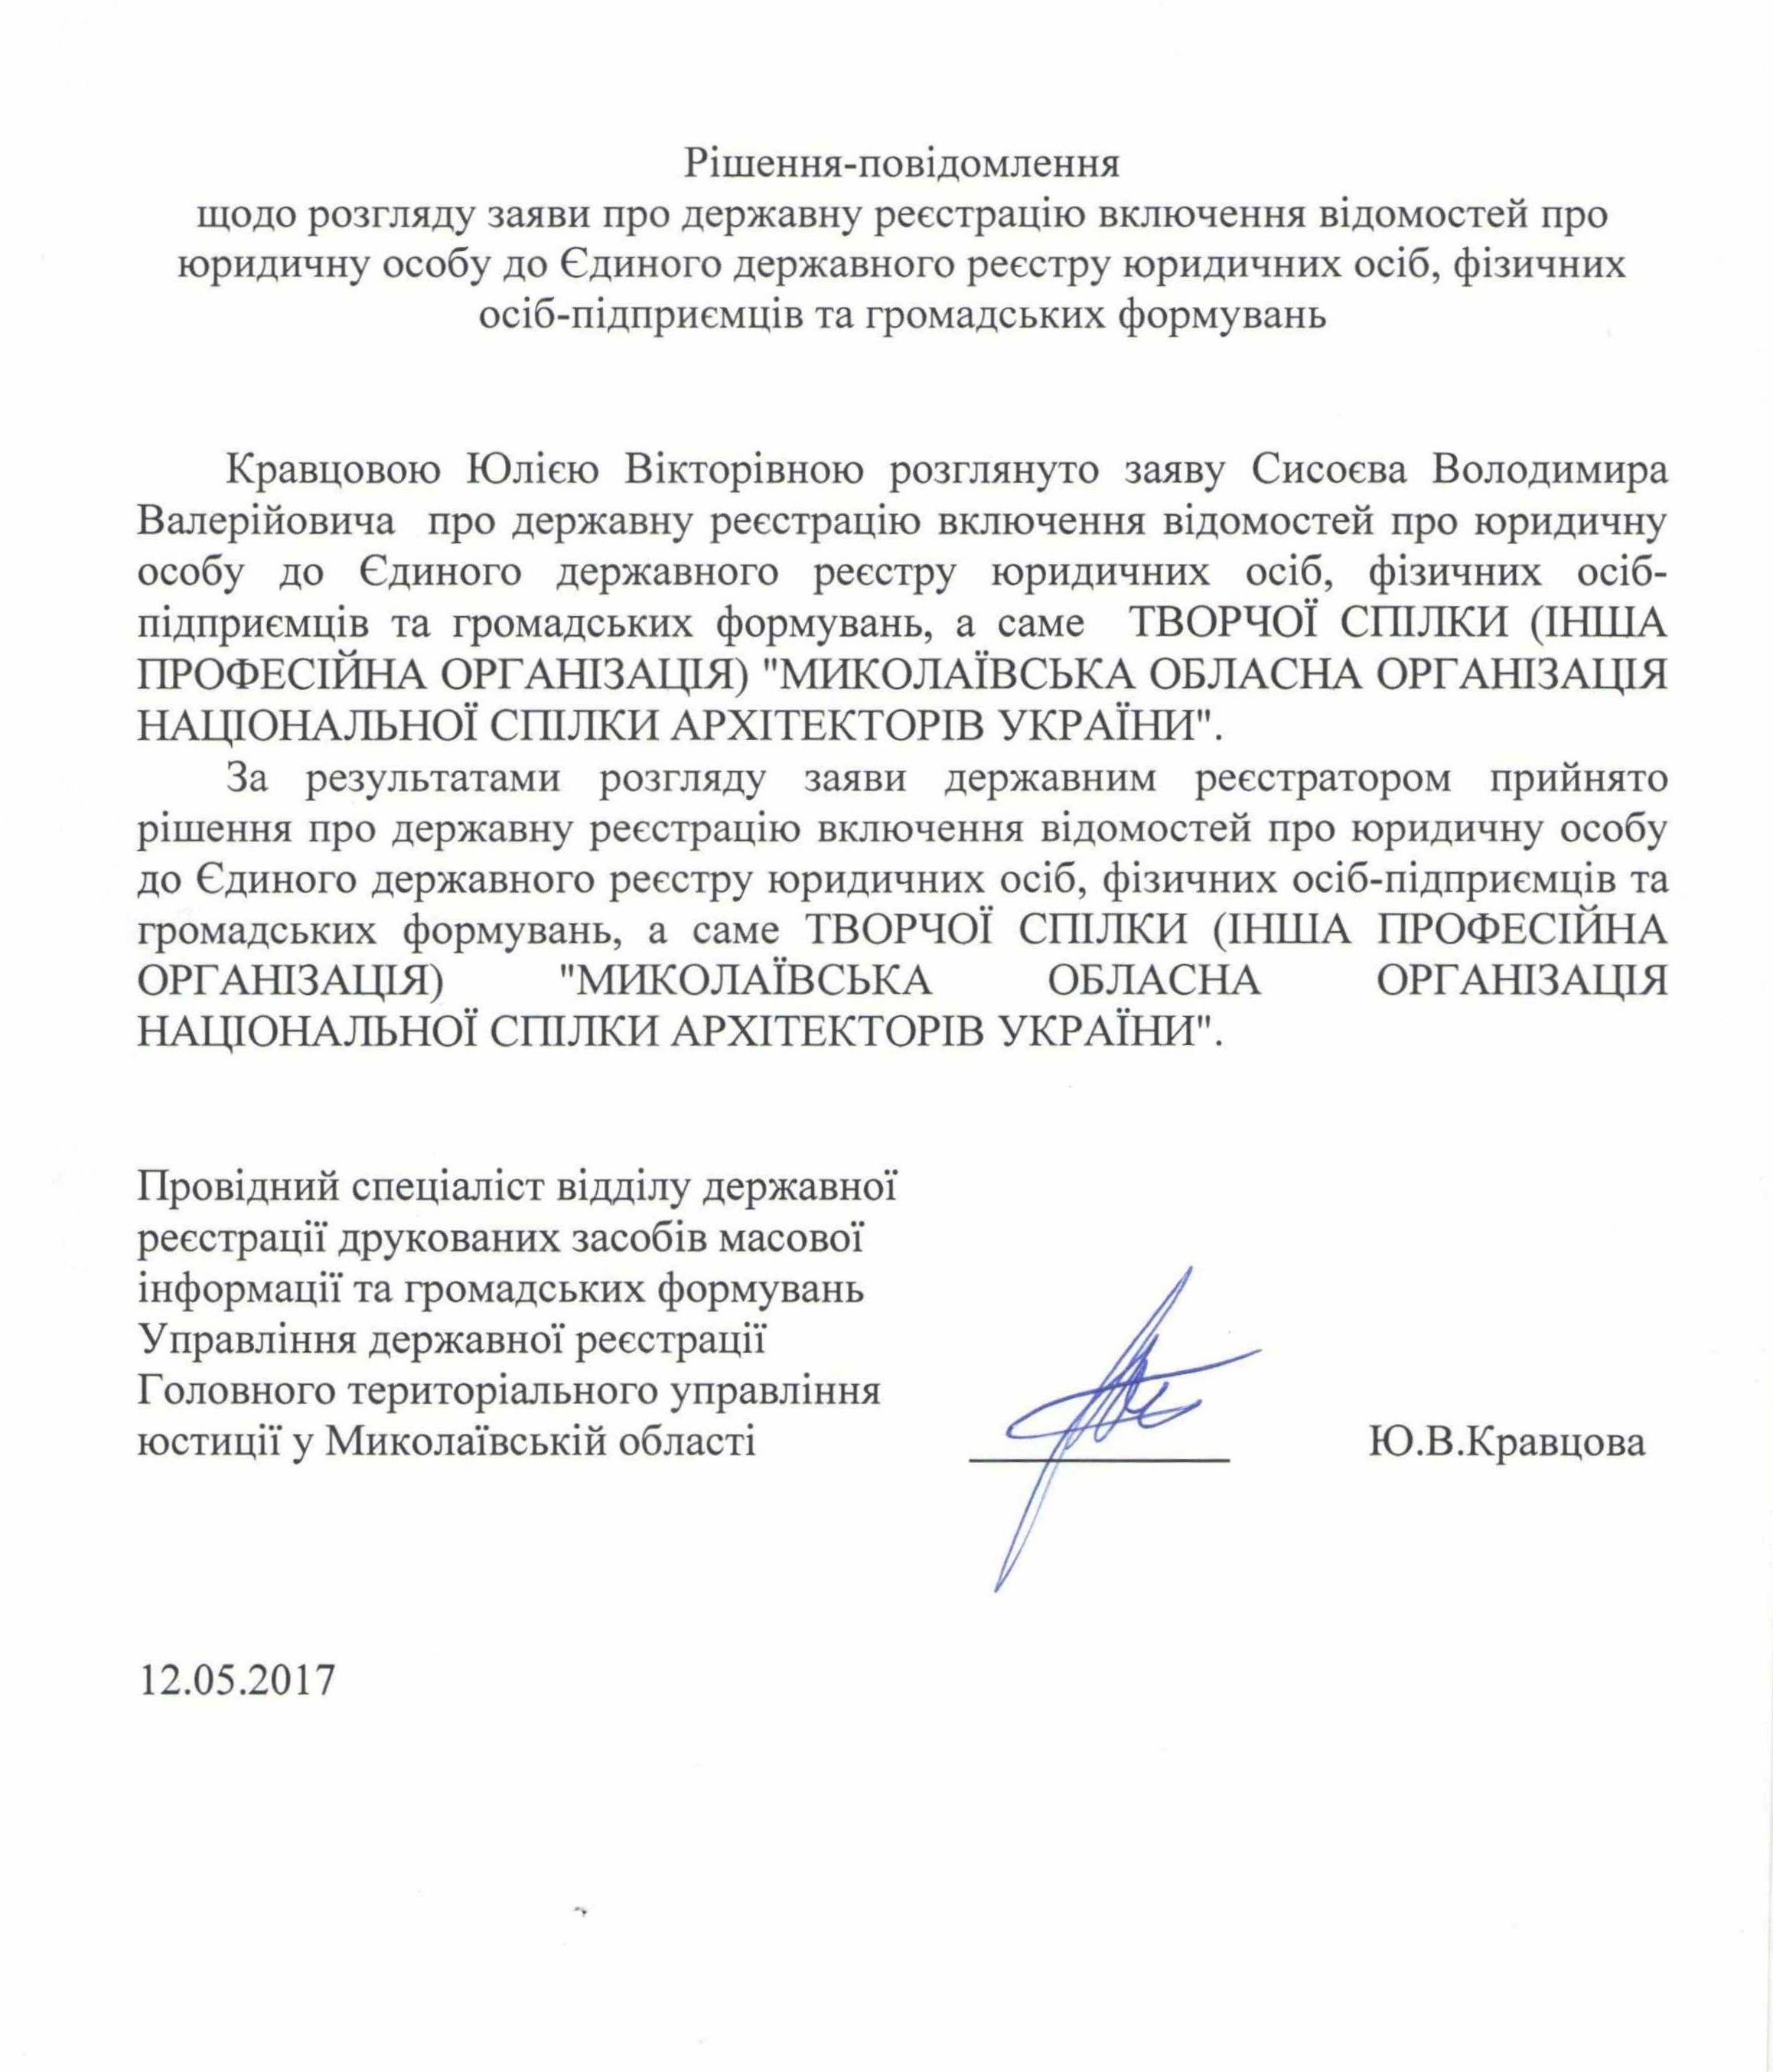 12.05.2017 повідомлення про включення 001 кк